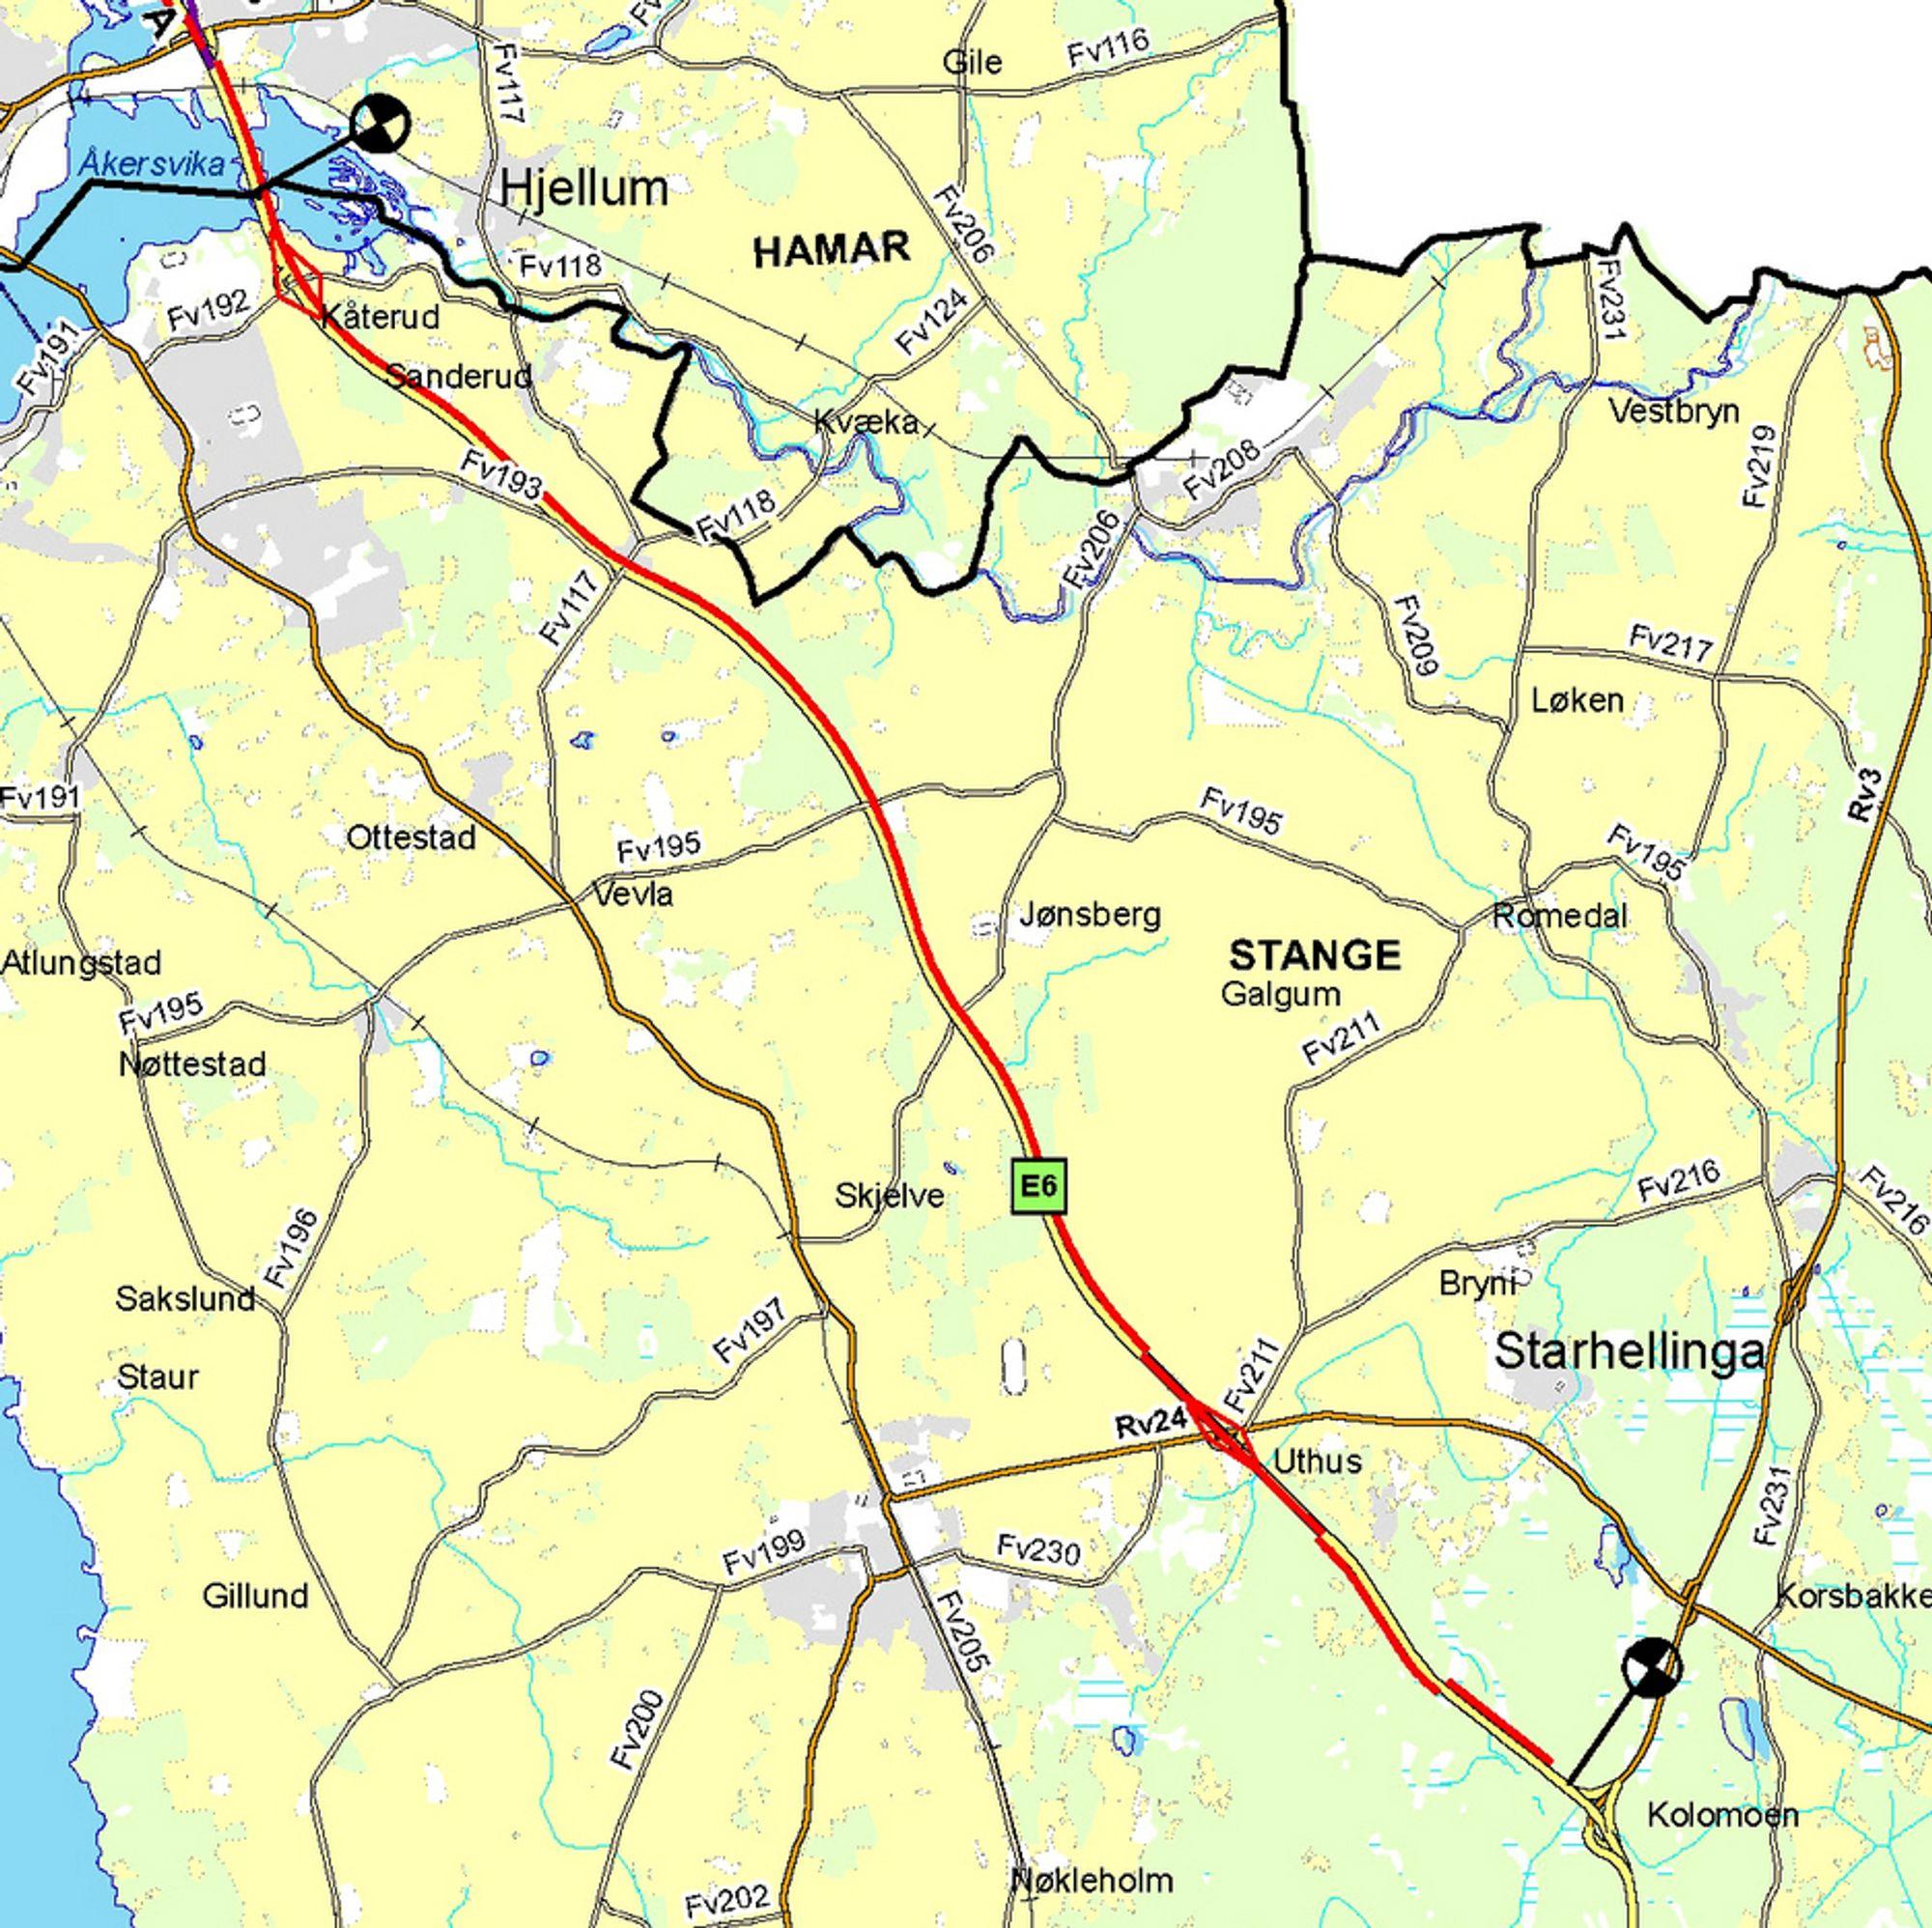 Asplan Viak skal lage reguleringsplan, teknisk plan, forprosjekt for konstruksjoner og geotekniske rapporter for ny E 6 mellom Kolomoen og Kåterud. Den røde linjen markerer den nye kjørebanen.